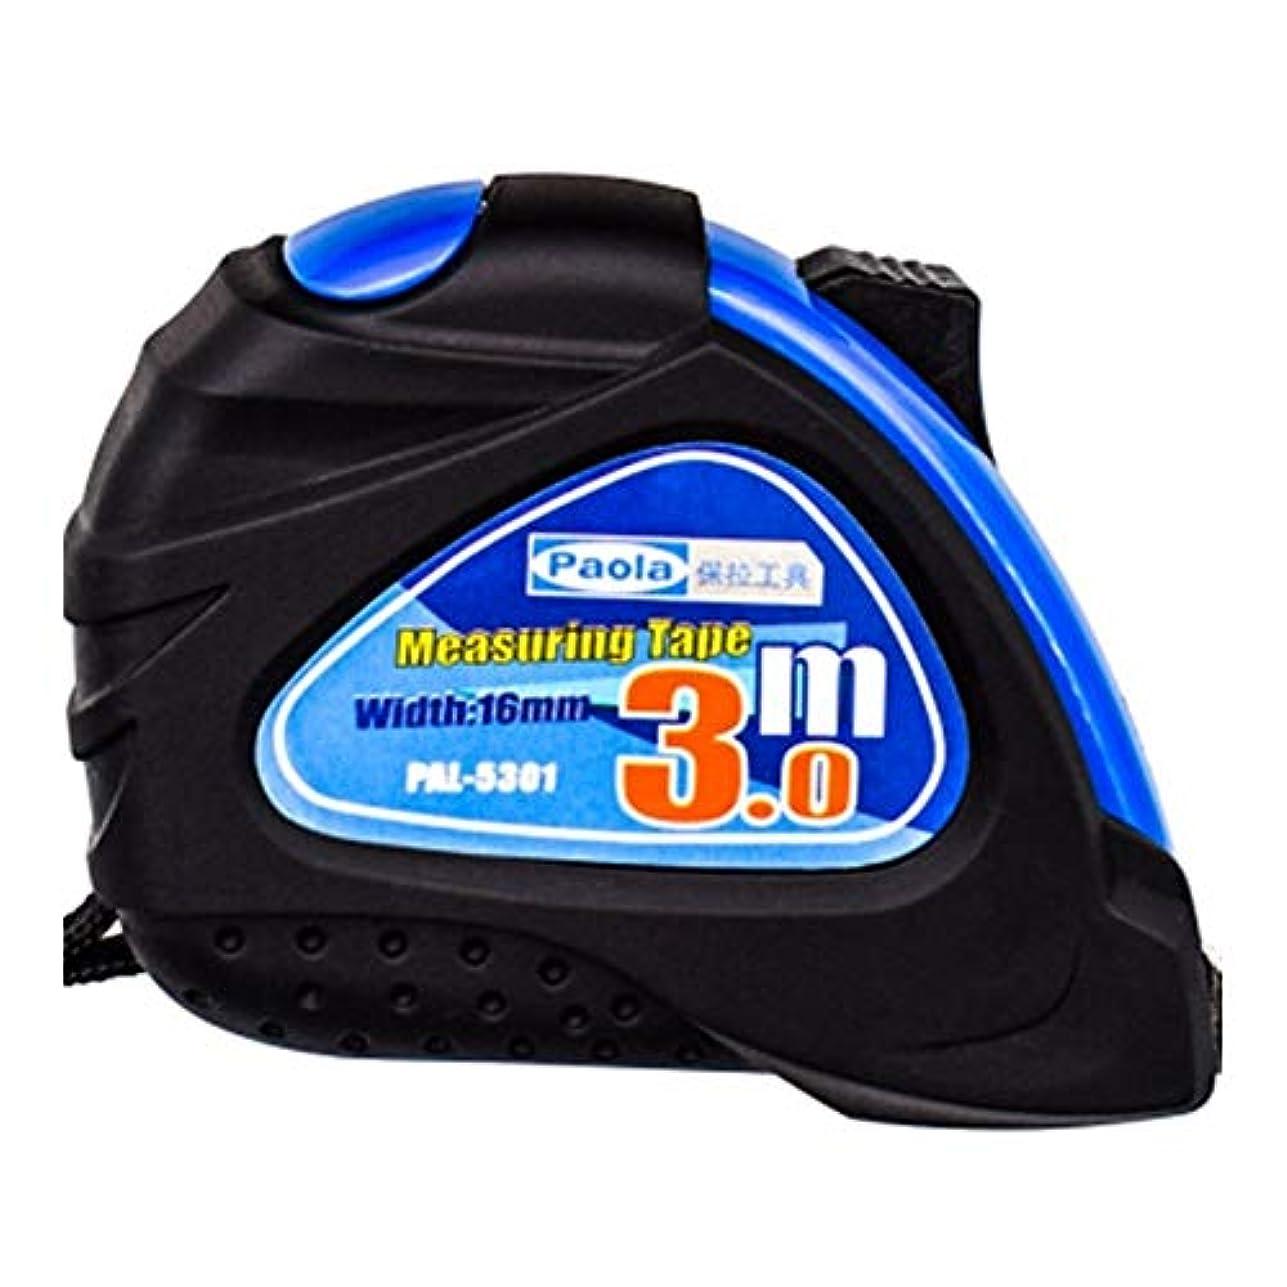 締め切りネクタイ軽くHXSD 巻尺3 M、5 M、ボックスルールダブルブレーキオールインクルーシブステンレスメトリックルーラー、測定ツール (Color : Blue, Size : 3m)